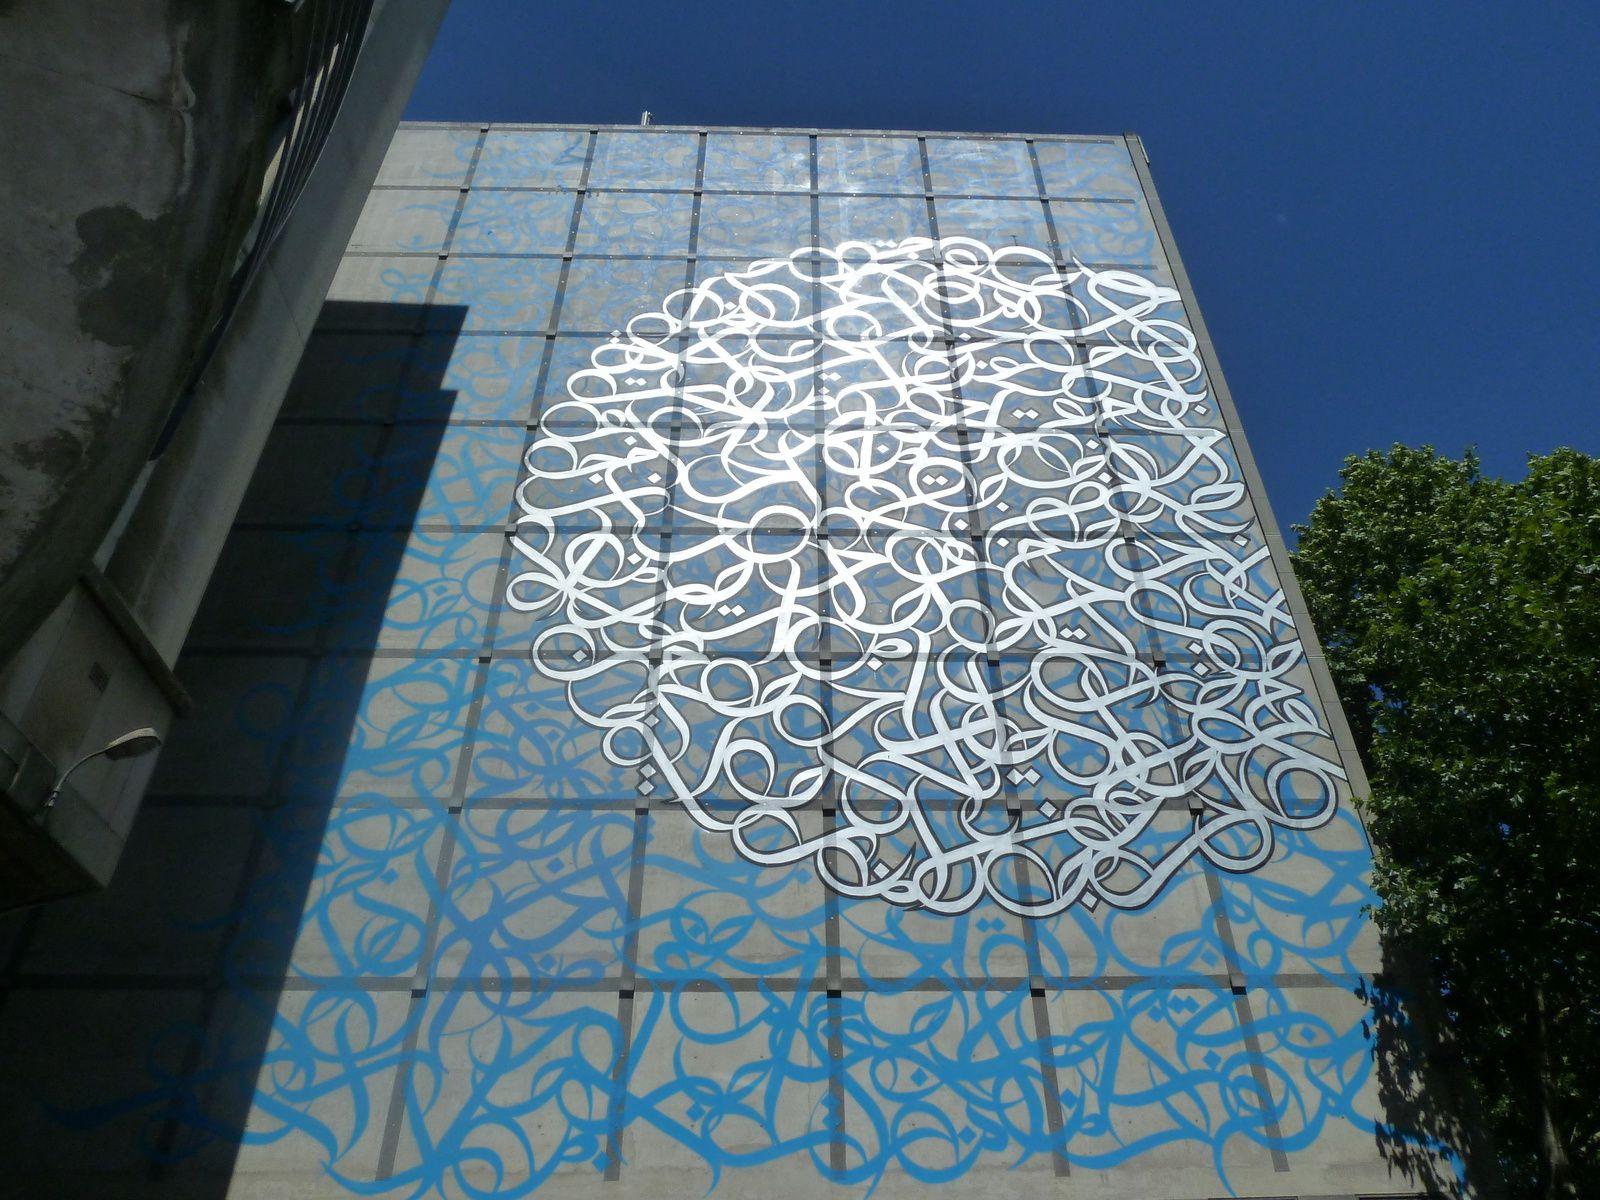 Grande fresque d'eL Seed ornant un des murs de l'Institut du Monde Arabe, inaugurée le 12 juin dernier.